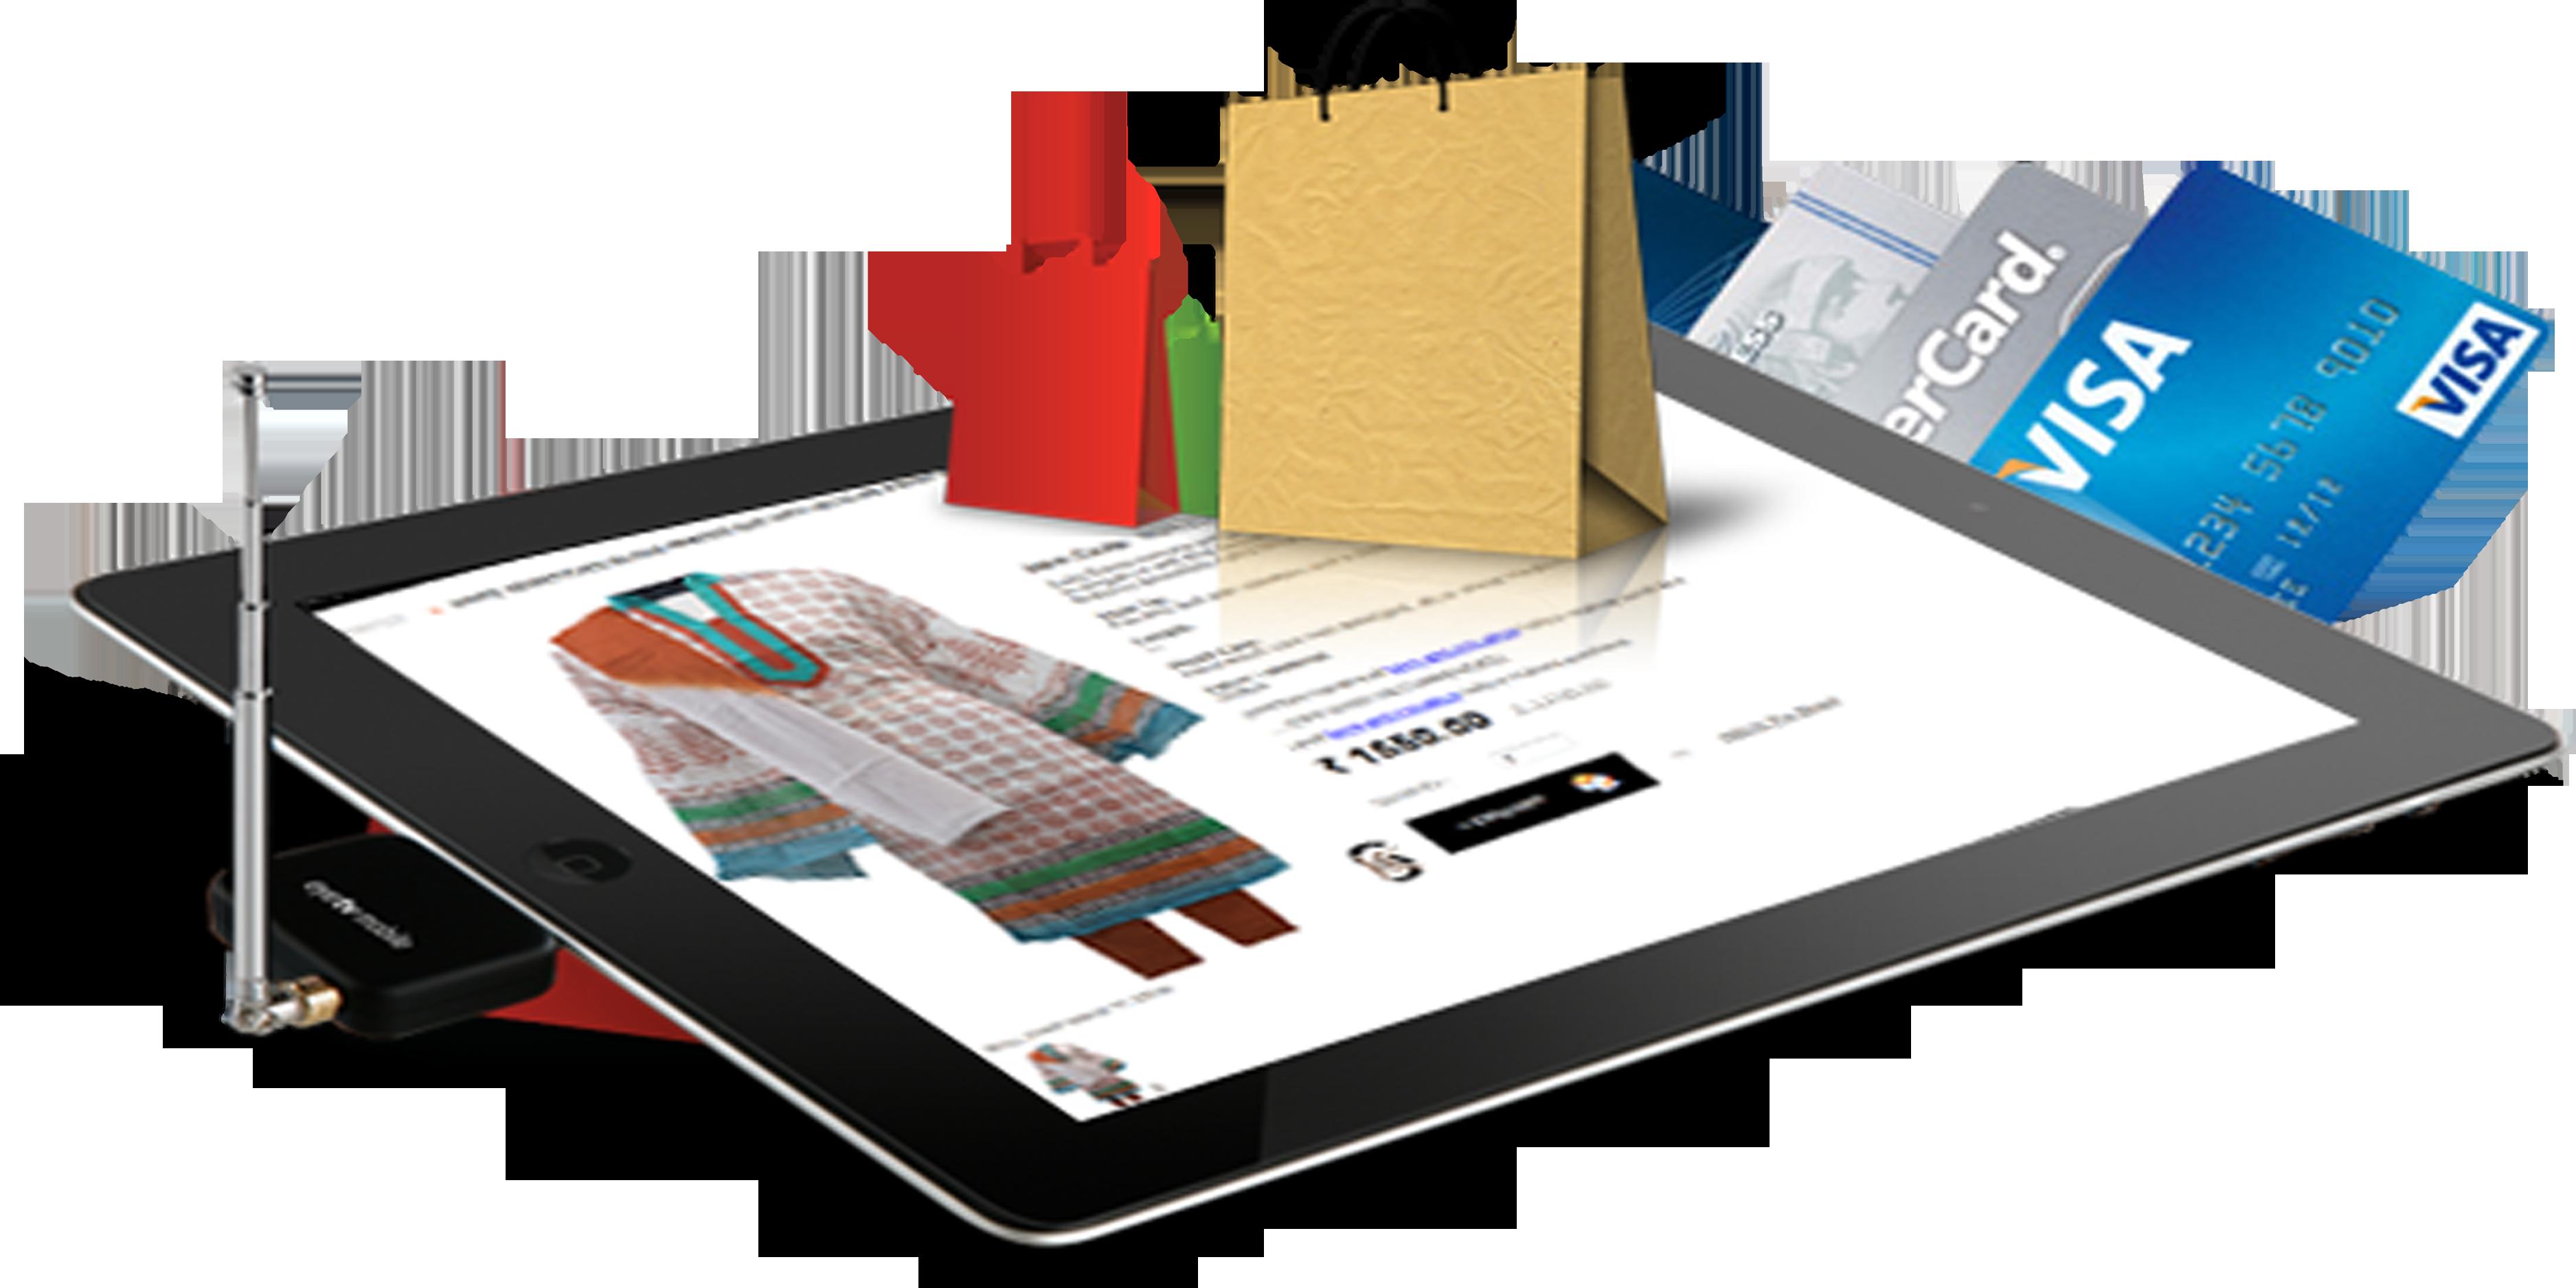 طراحی سایت فروشگاهی (فروشگاه اینترنتی) چگونه است؟